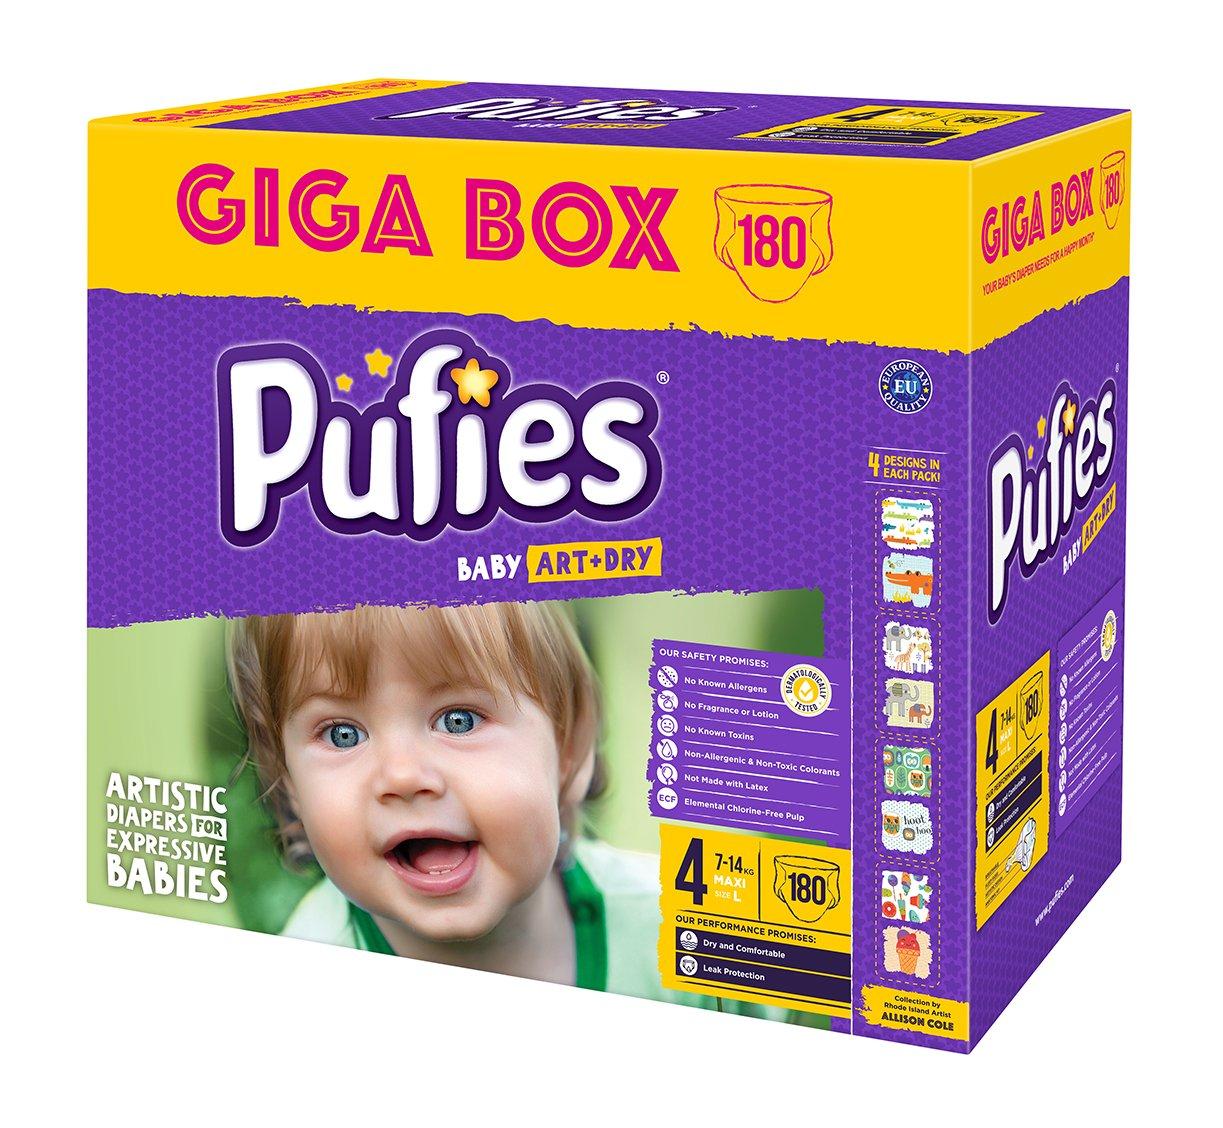 Pufies A&D MAXI Pañales para Bebés - 180 Pañales: Amazon.es: Salud y cuidado personal